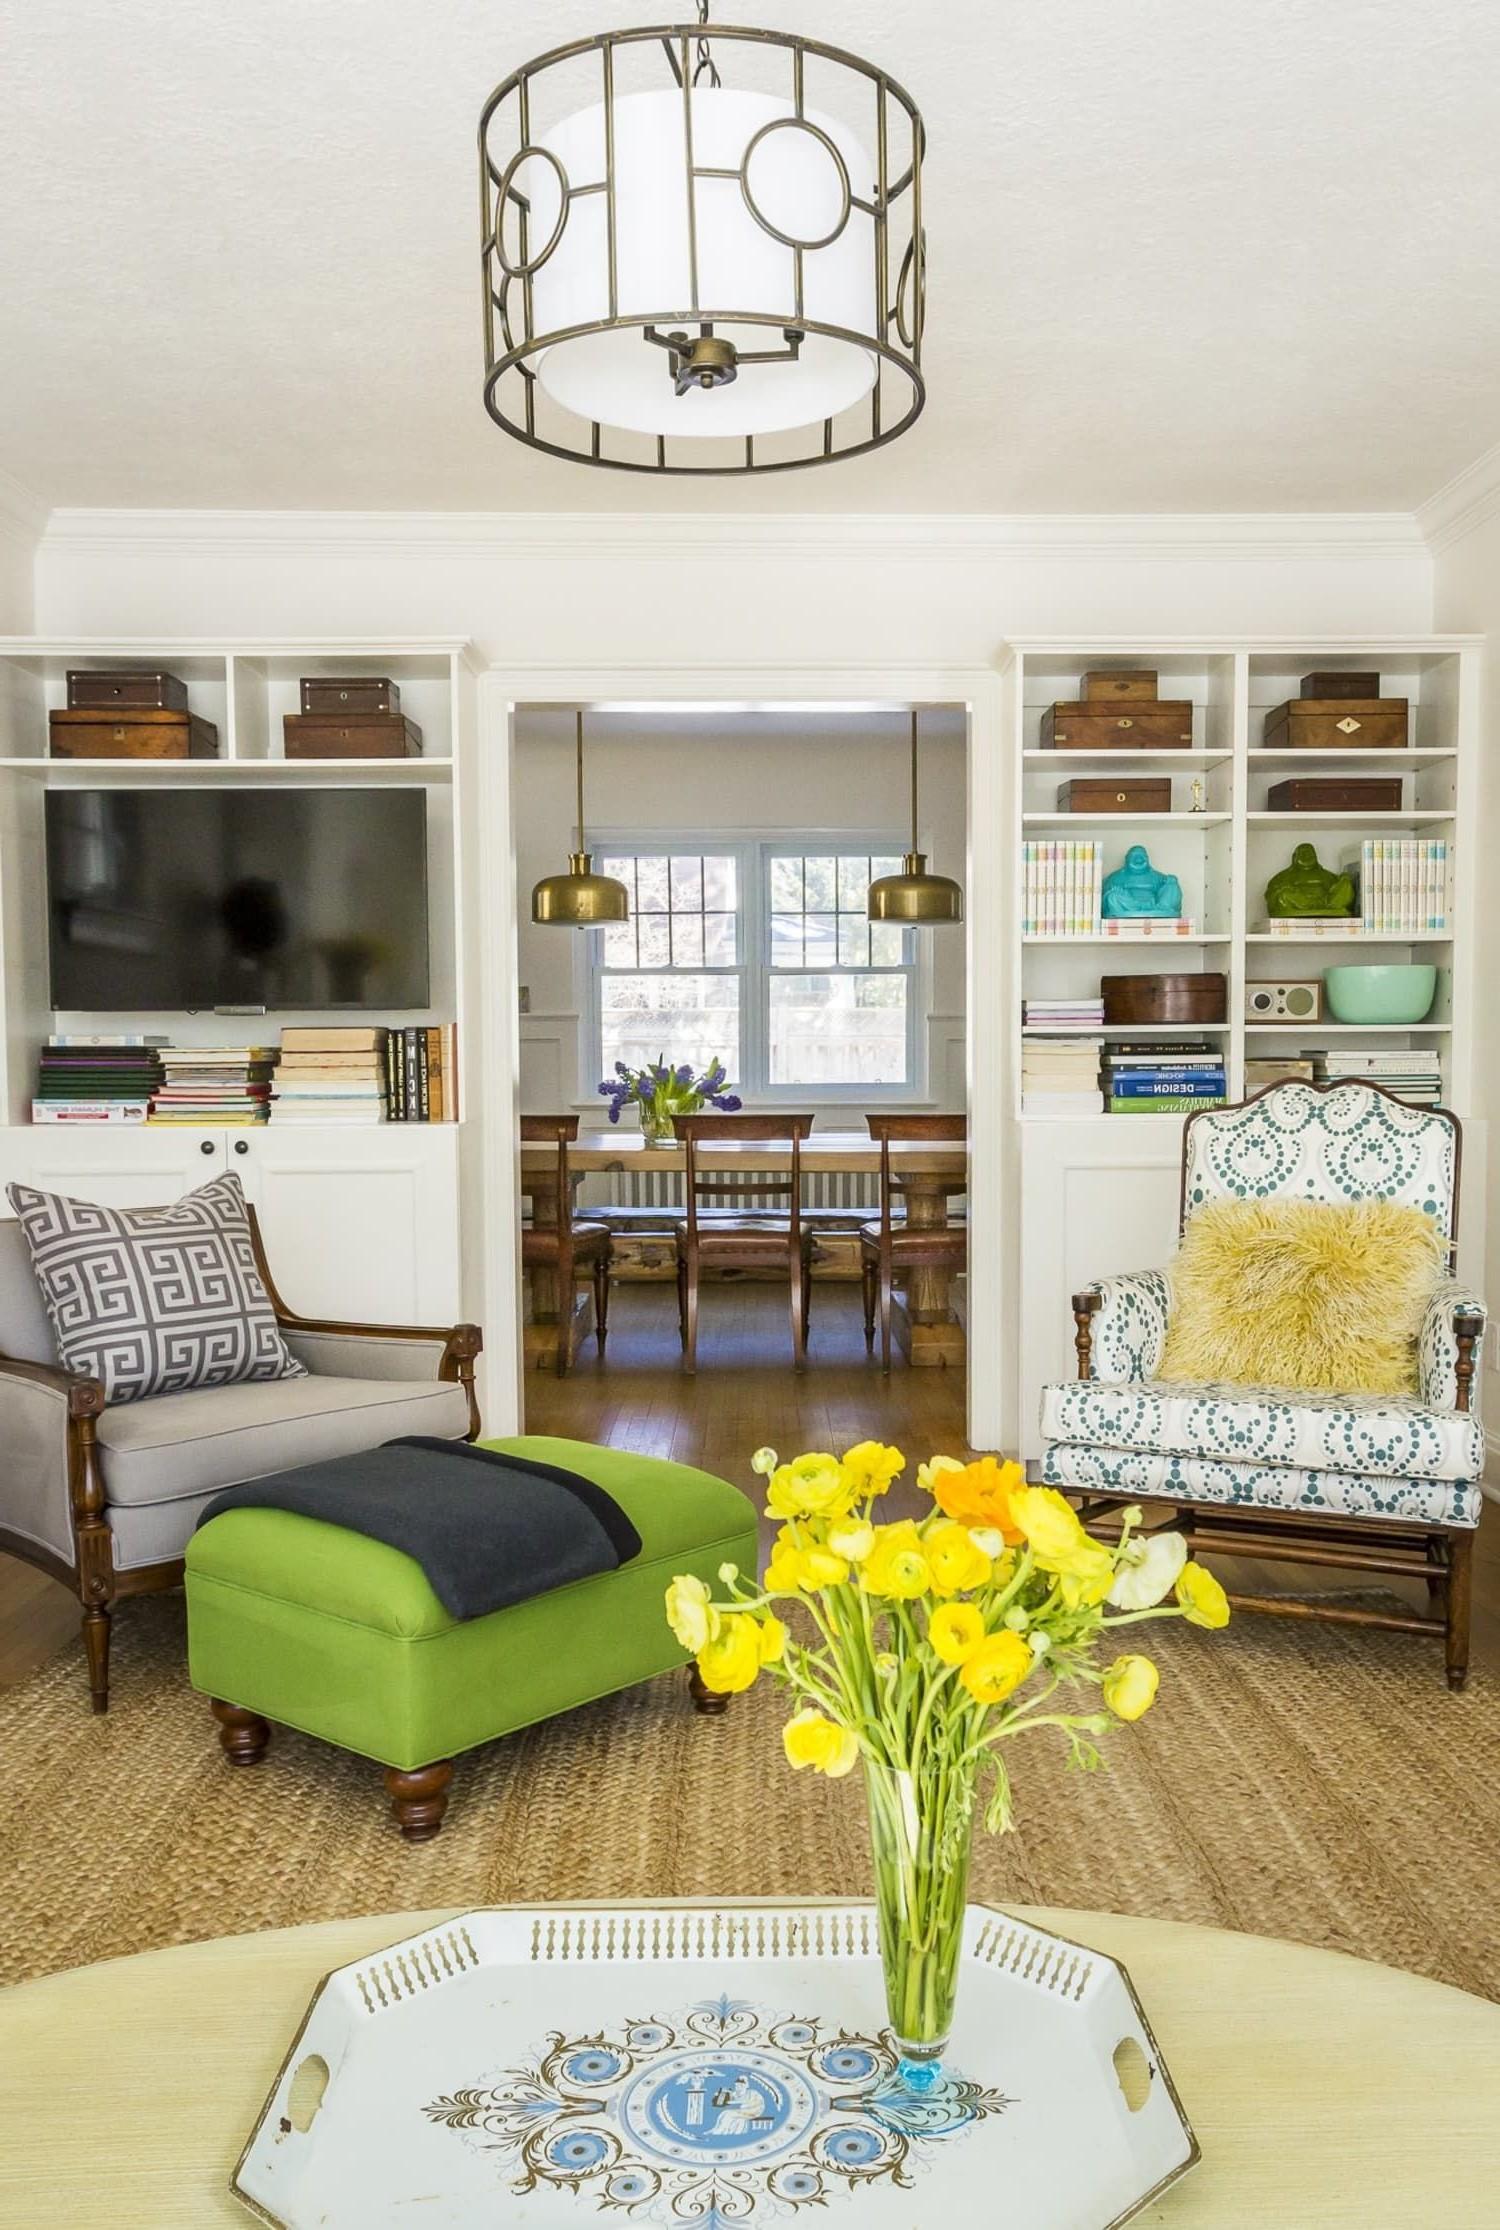 Ici, le mobilier et les objets de décoration sont variés, mais le design symétrique rend le look cohérent.